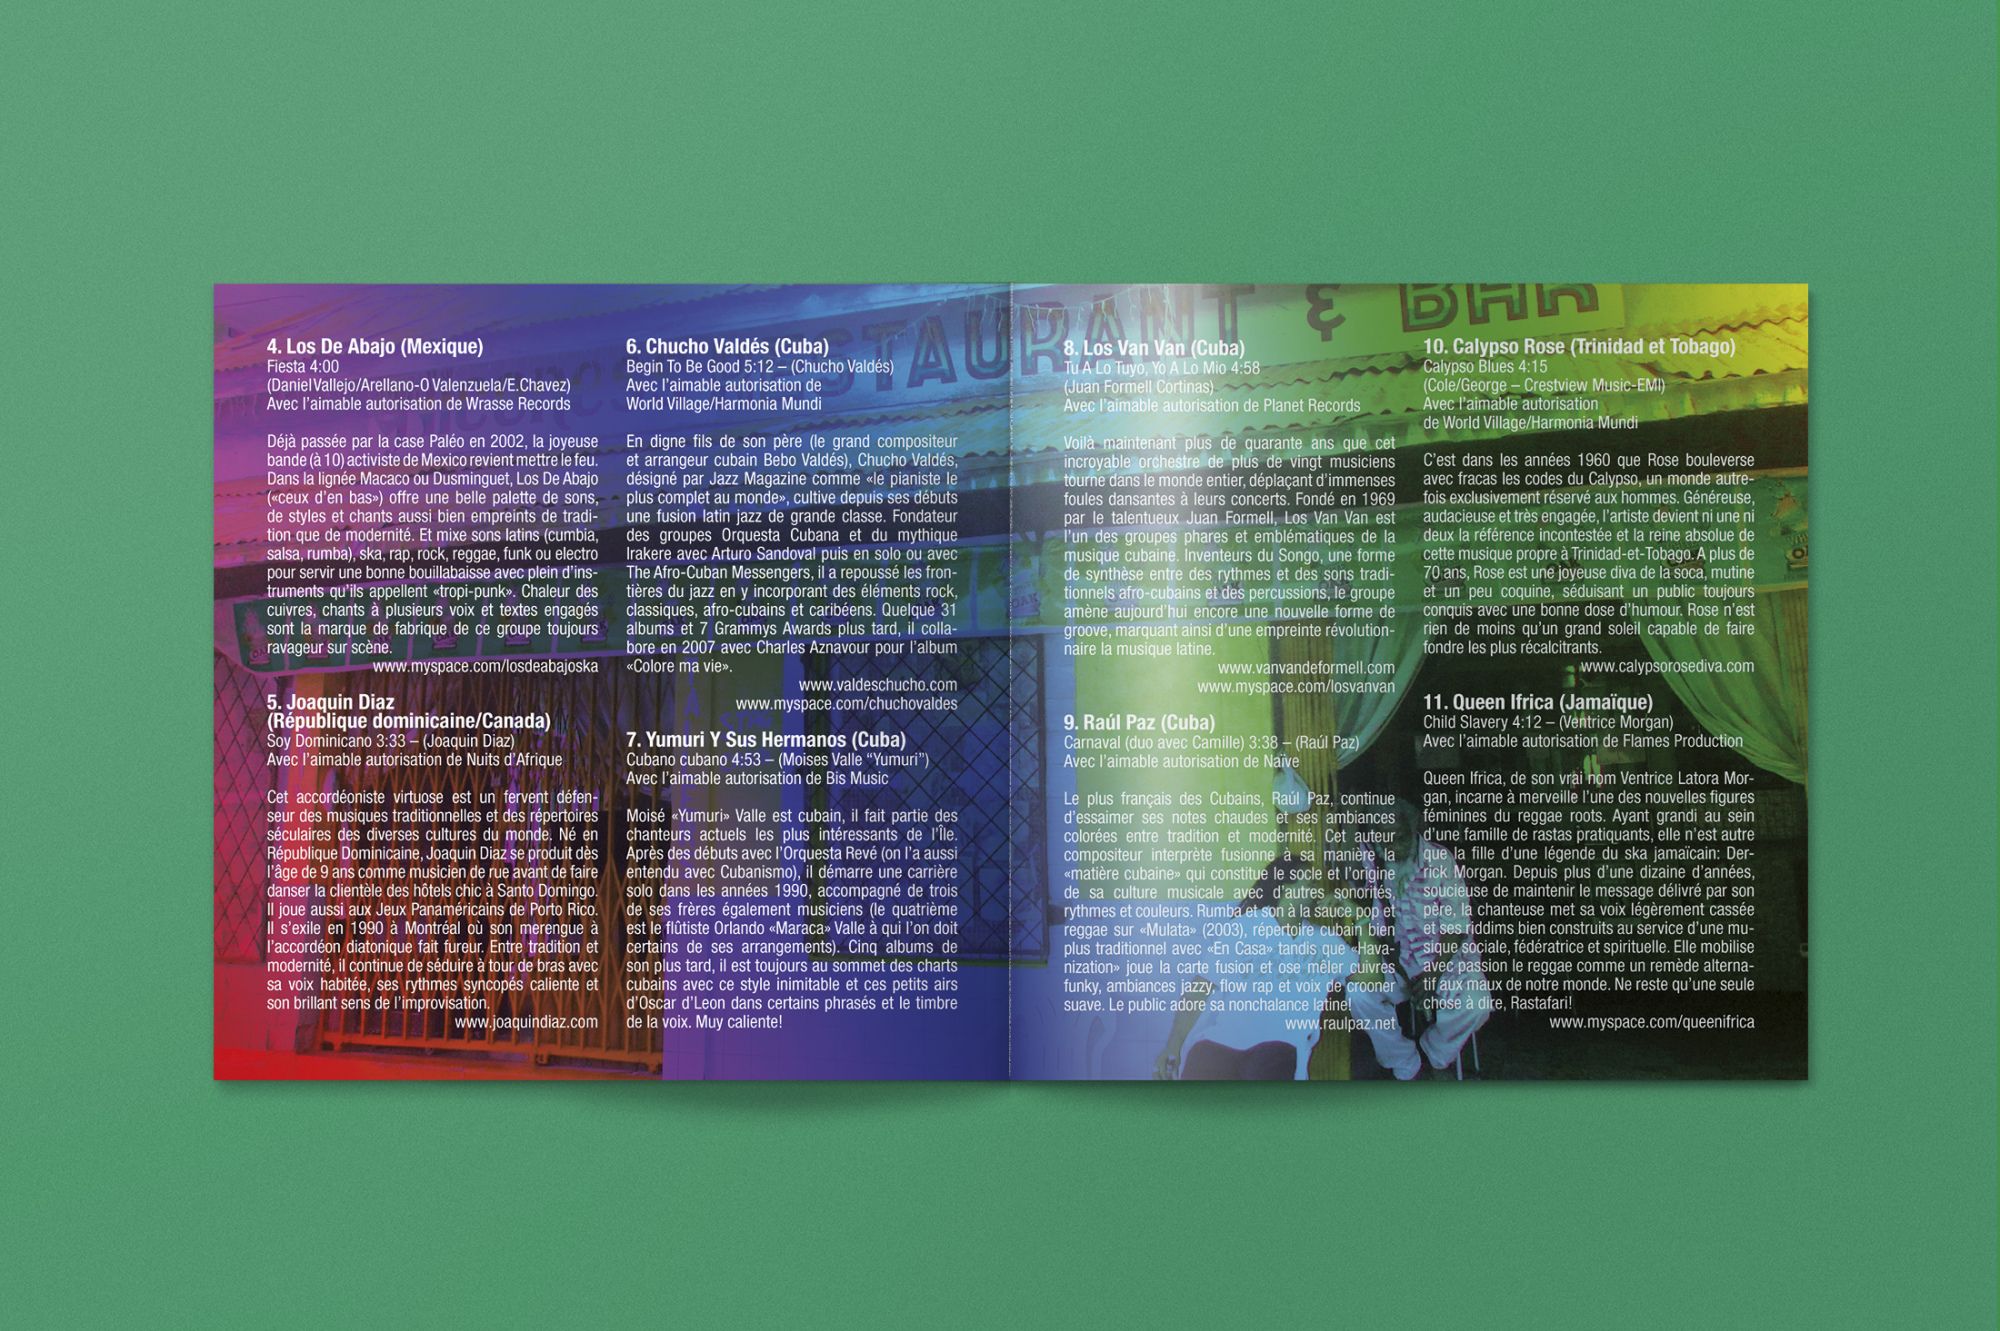 Graphisme Geneve graphic design graphique direction artistique paleo festival village du monde caraibes 2011 illustration merchandising  pochette cd cover layout